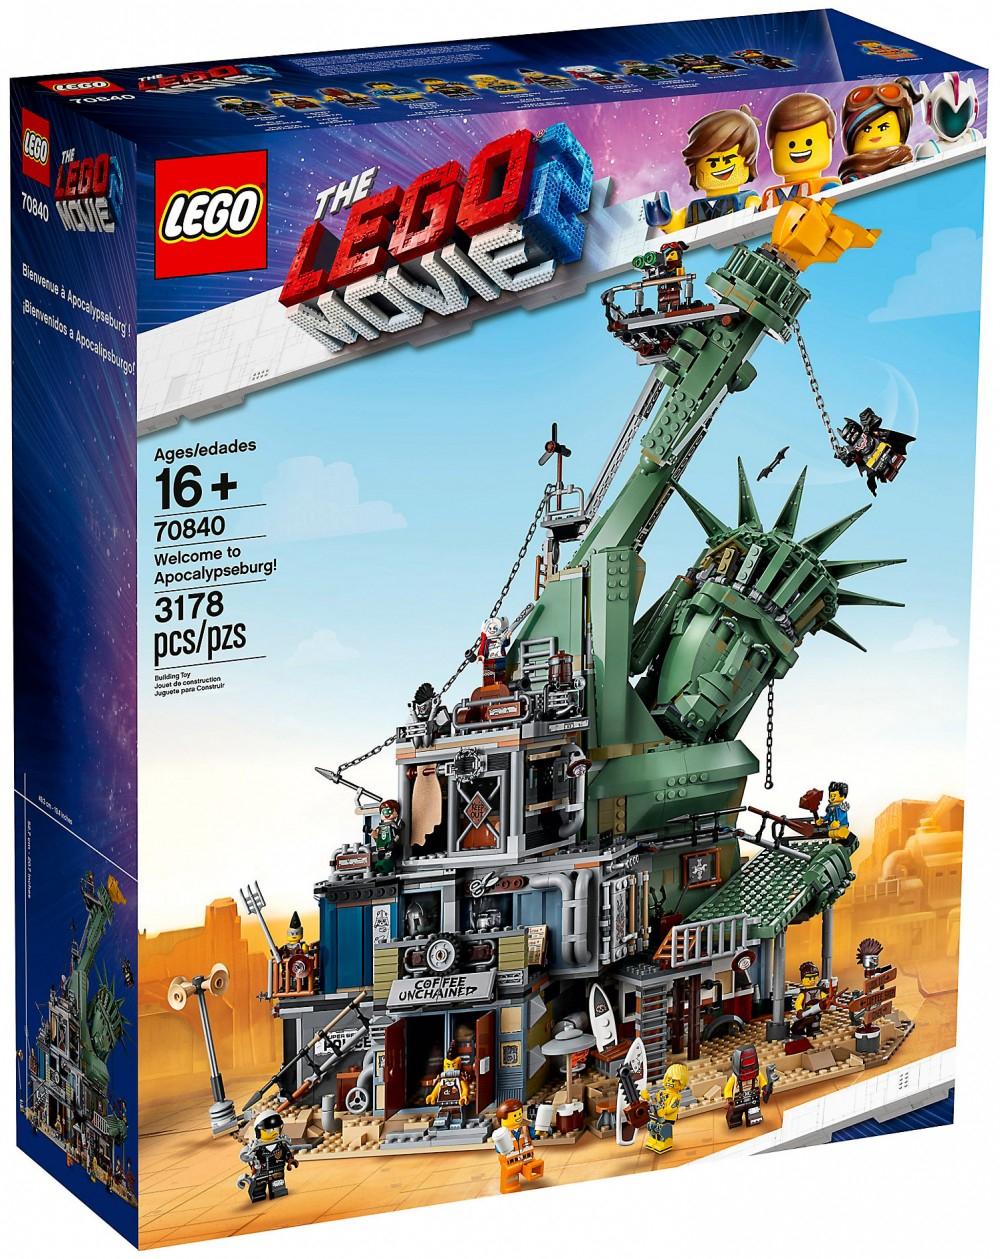 Jouet Lego The Lego Movie 2 Bienvenue à Apocalypseville - 70840